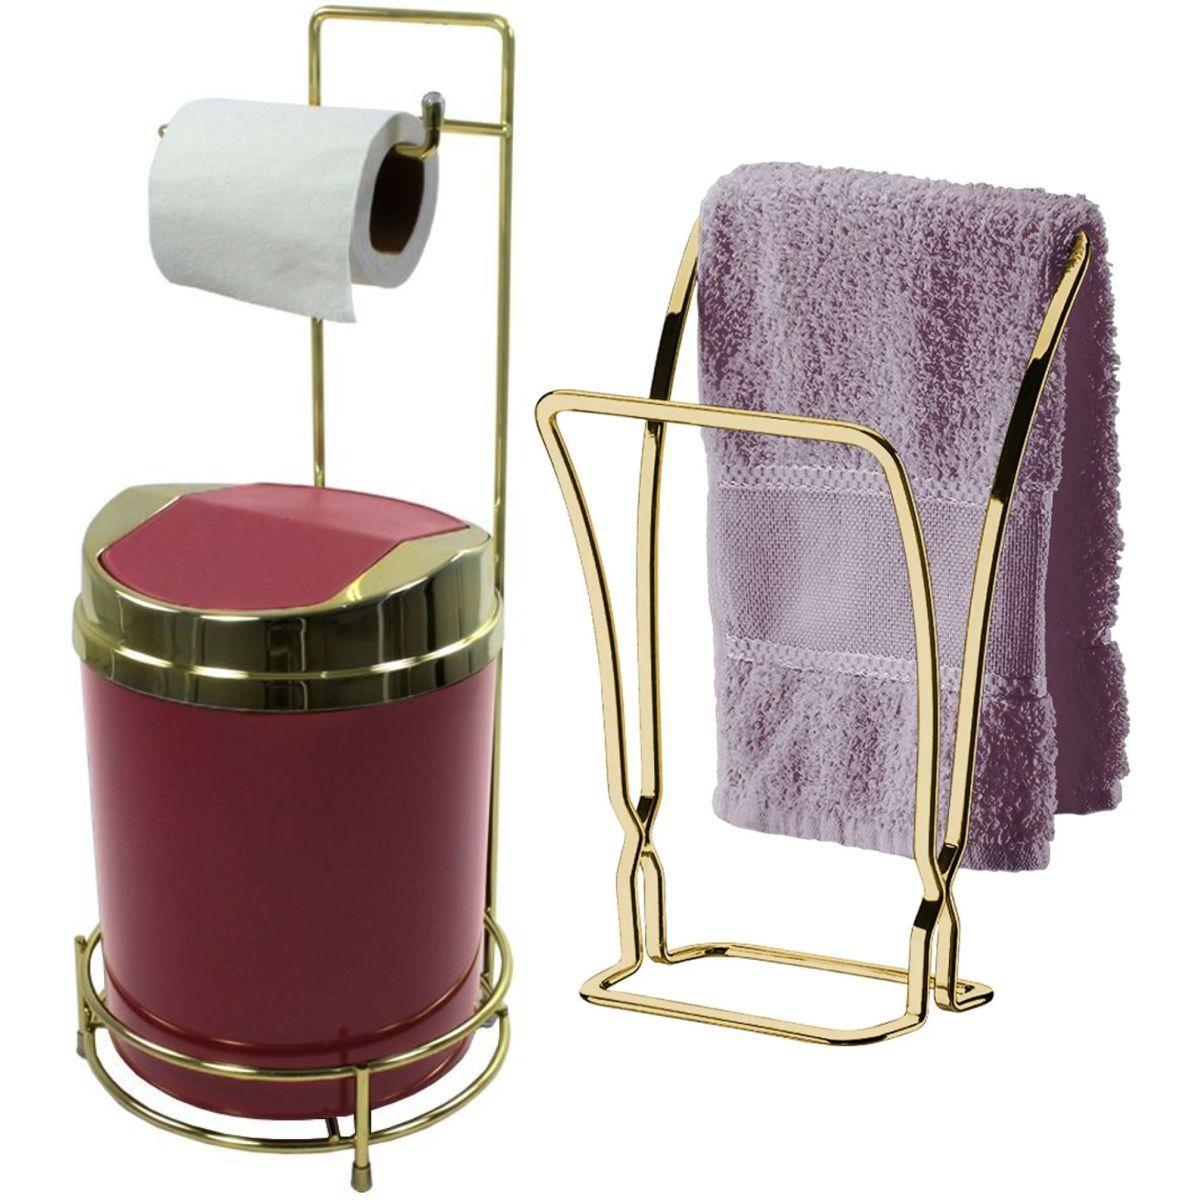 Porta Papel Higiênico de Chão Toalheiro Bancada Dourado